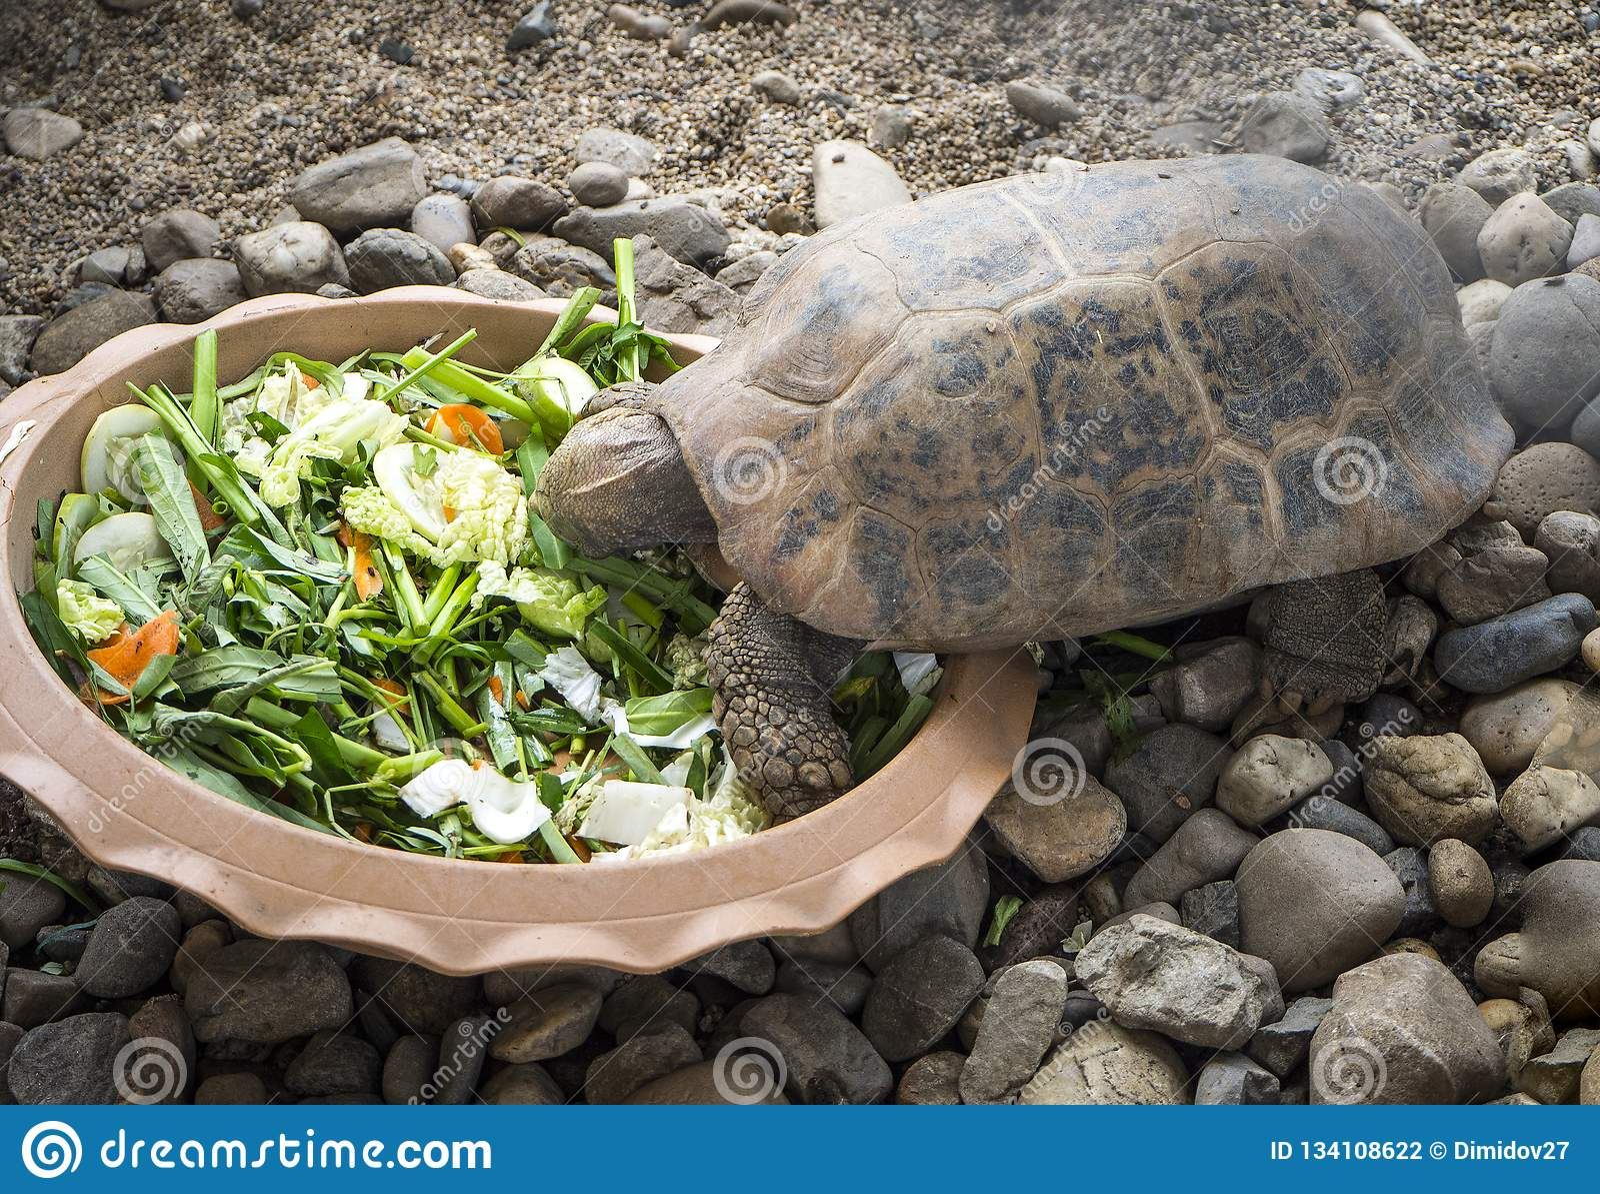 Sköldpadda som äter grönsaker från a